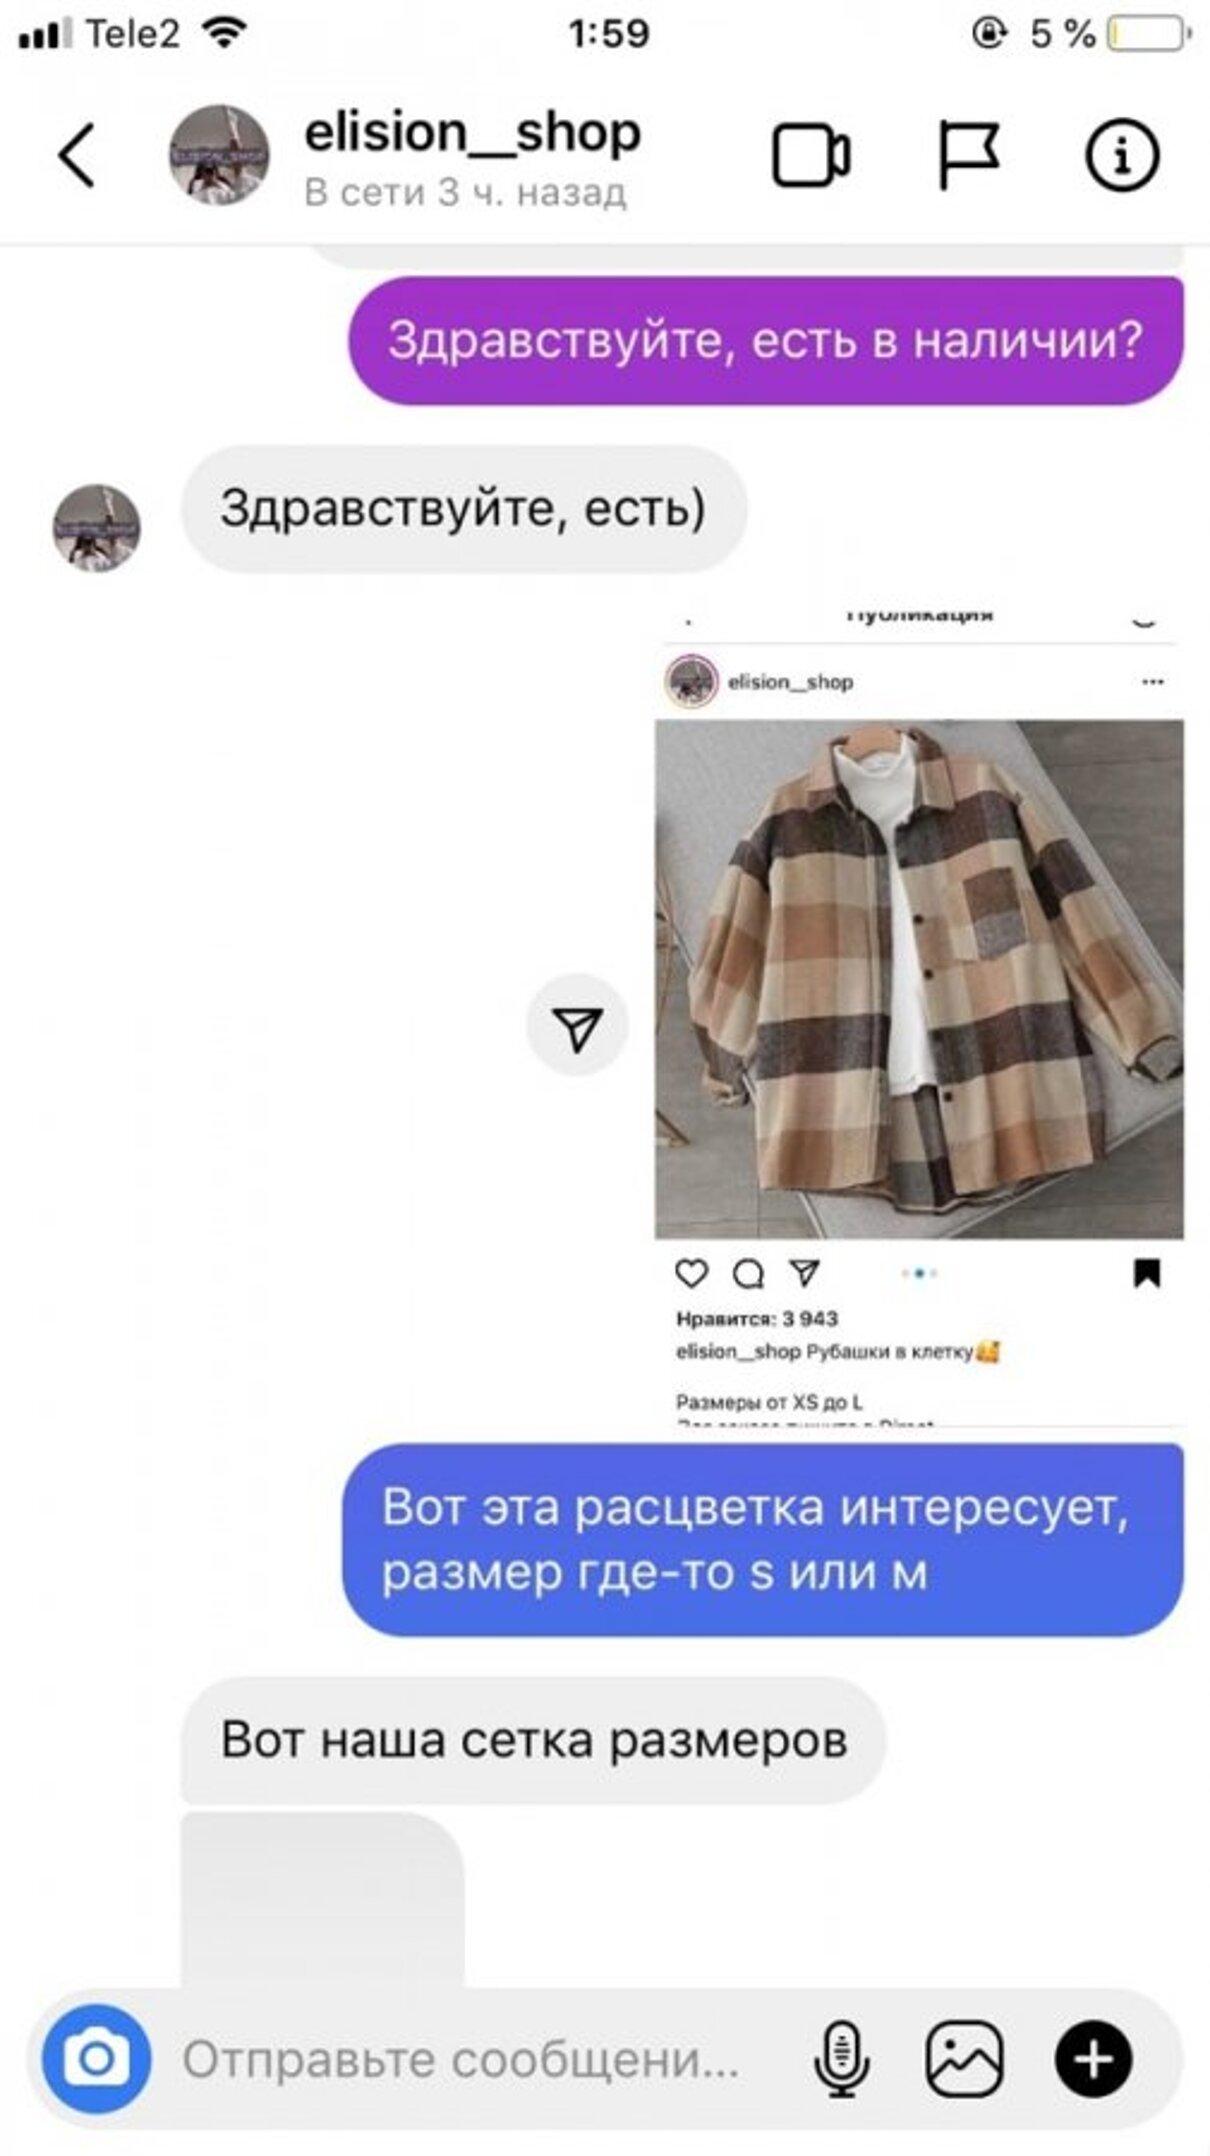 Жалоба-отзыв: Elision_shop - Обман в магазине инстаграм.  Фото №2